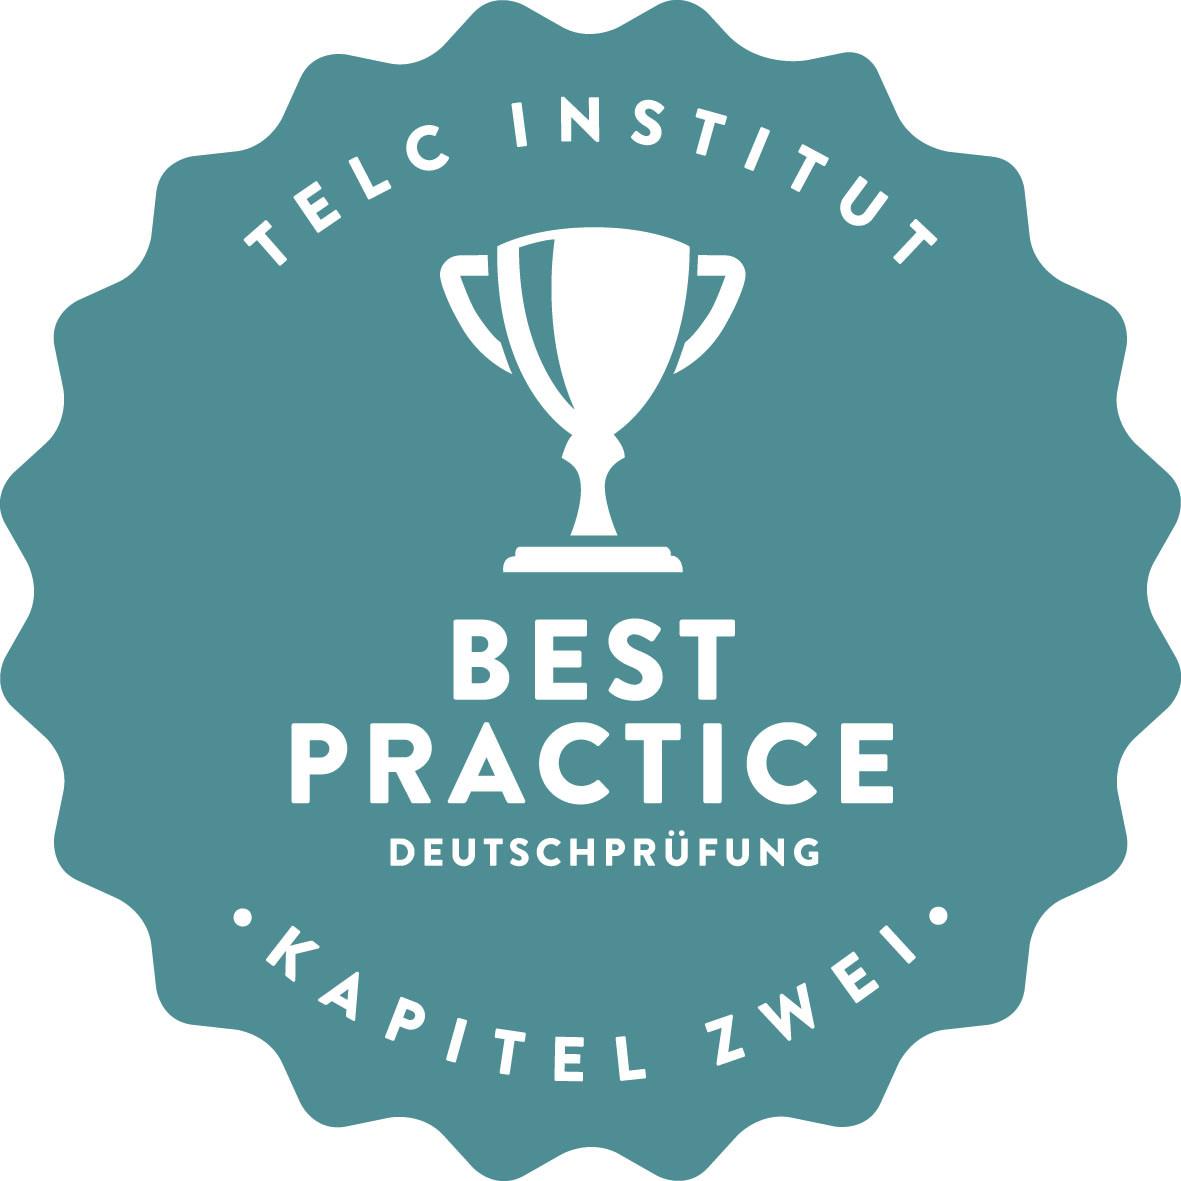 telc Deutsch exames Berlim best practice